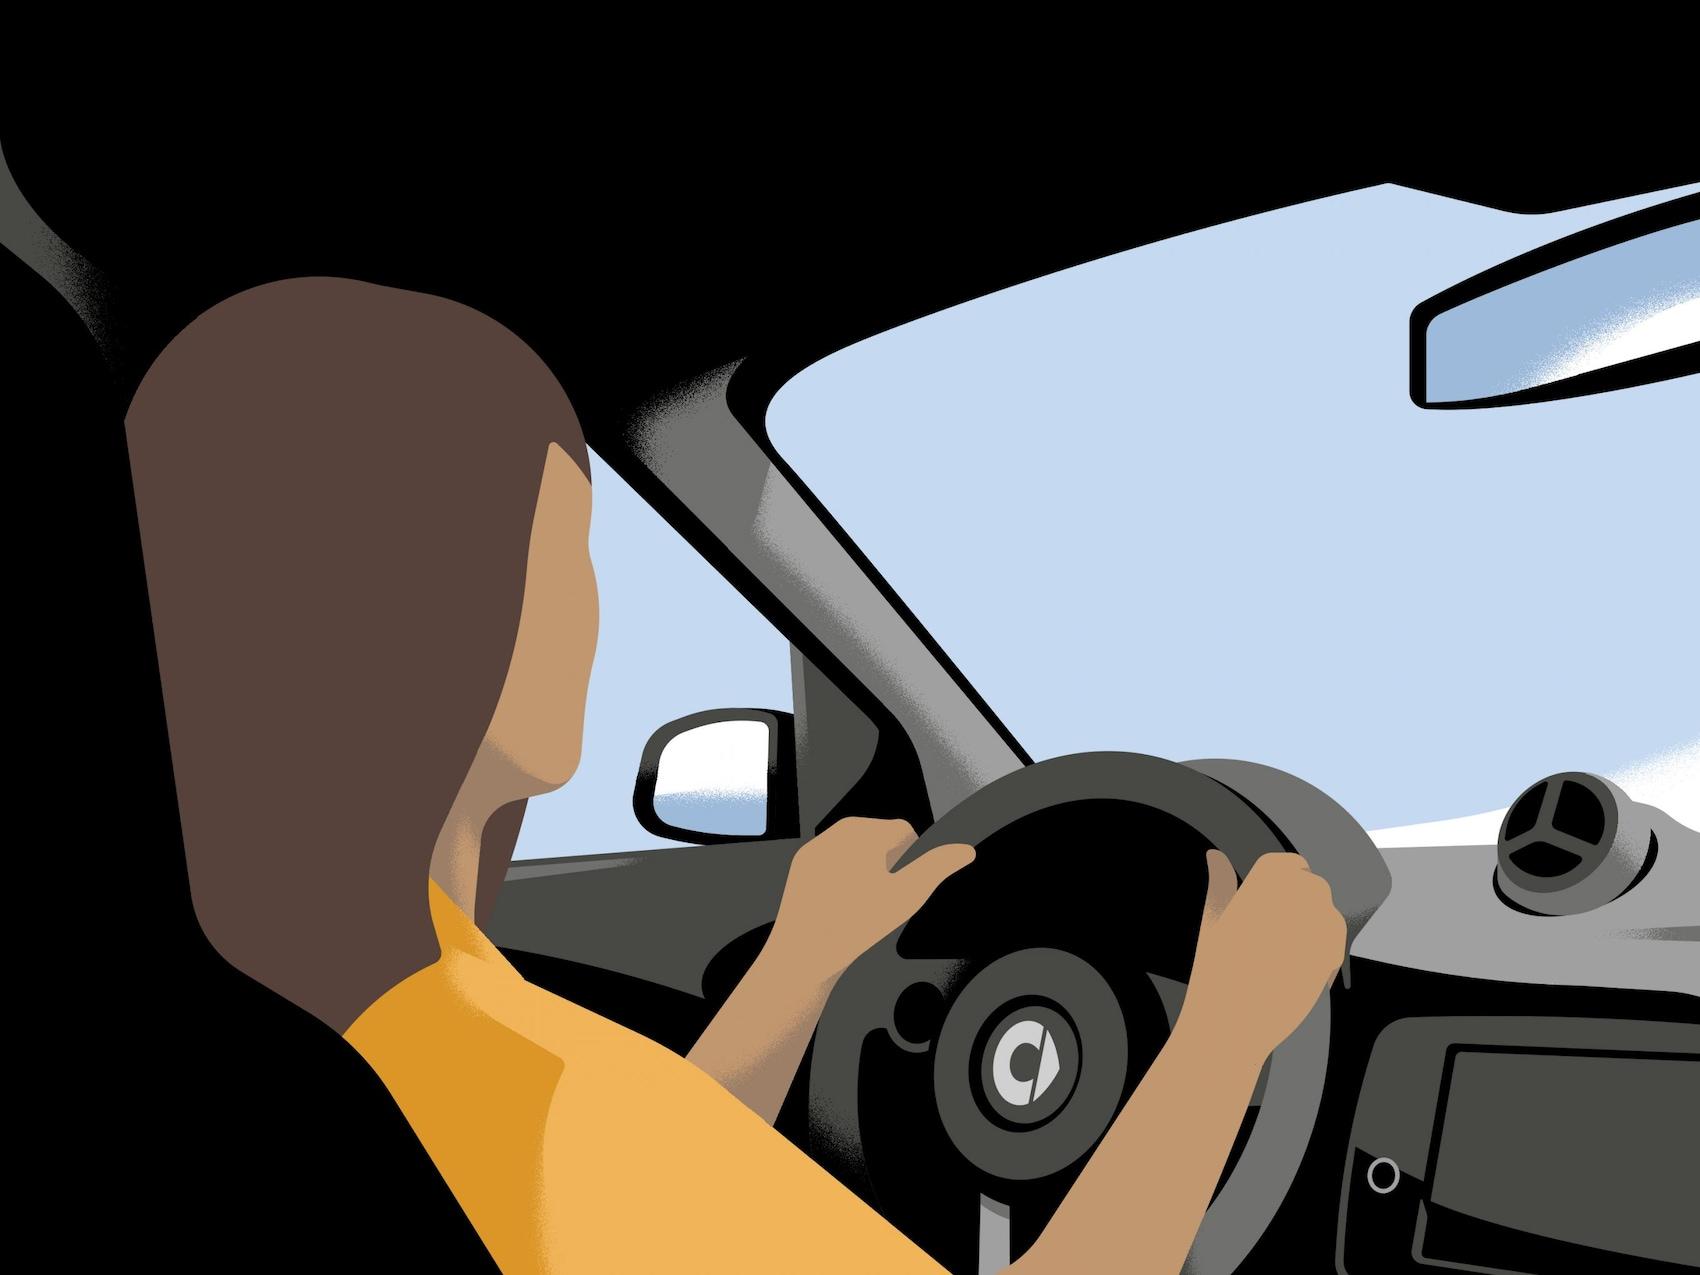 Kobieta siedzi za kierownicą swojego smarta EQ fortwo.